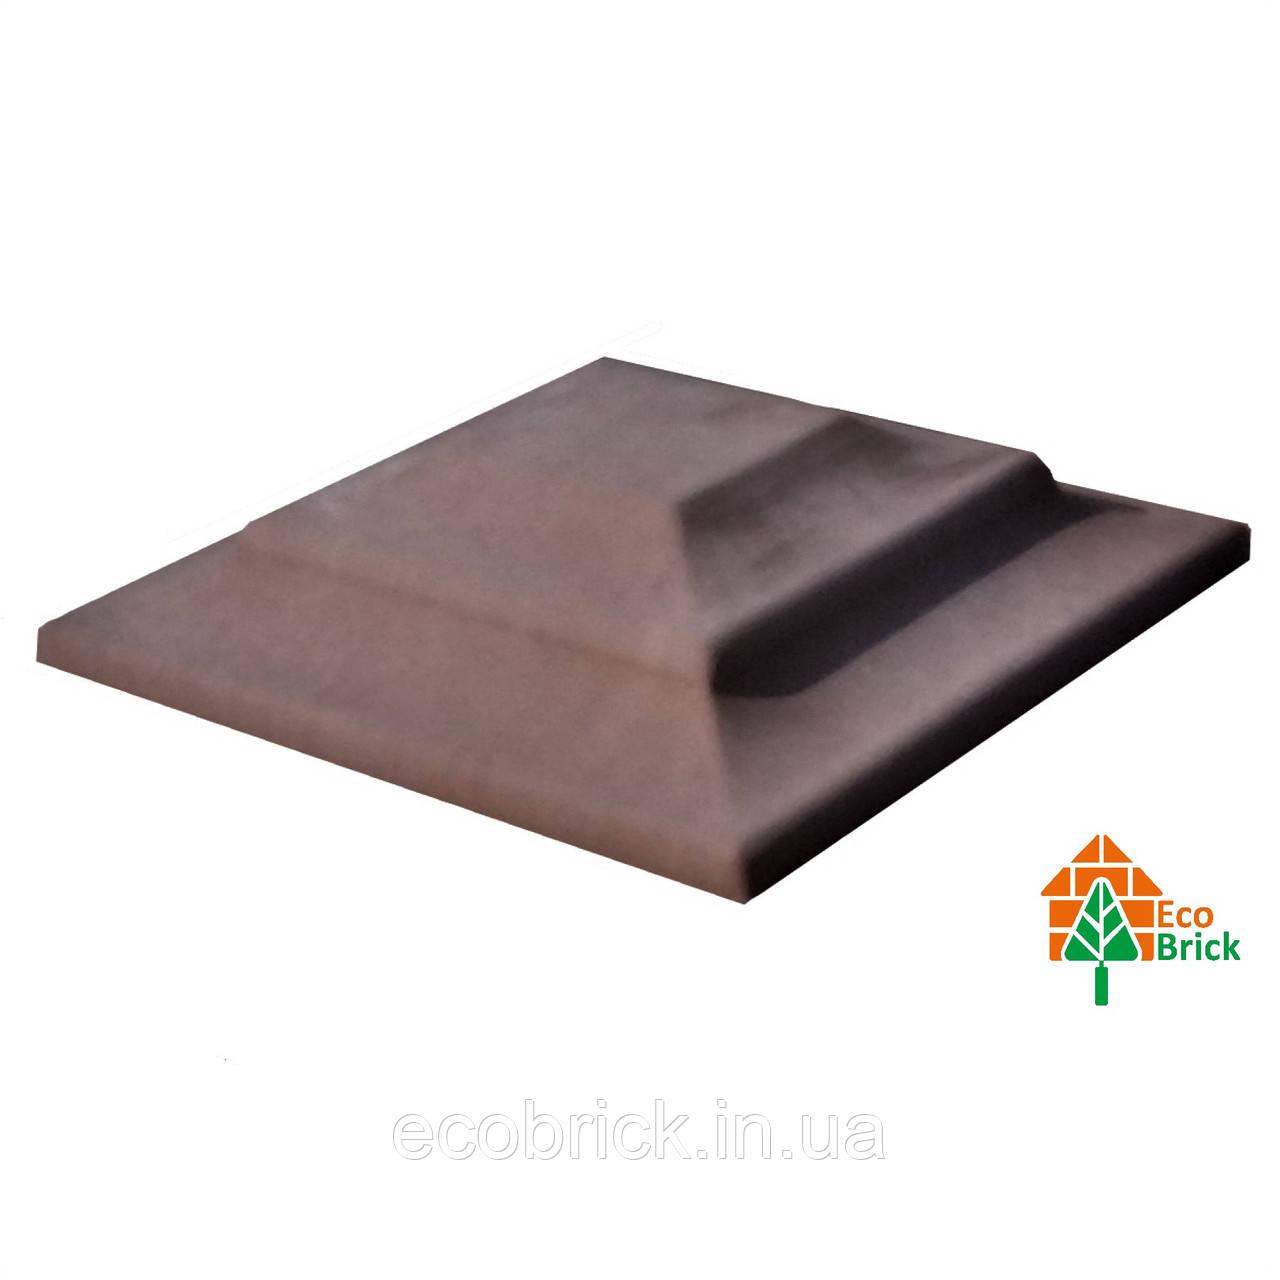 Крышка для кирпичного забора «КАРПАТИ» 310х310, цвет коричневый, вес 15 кг.